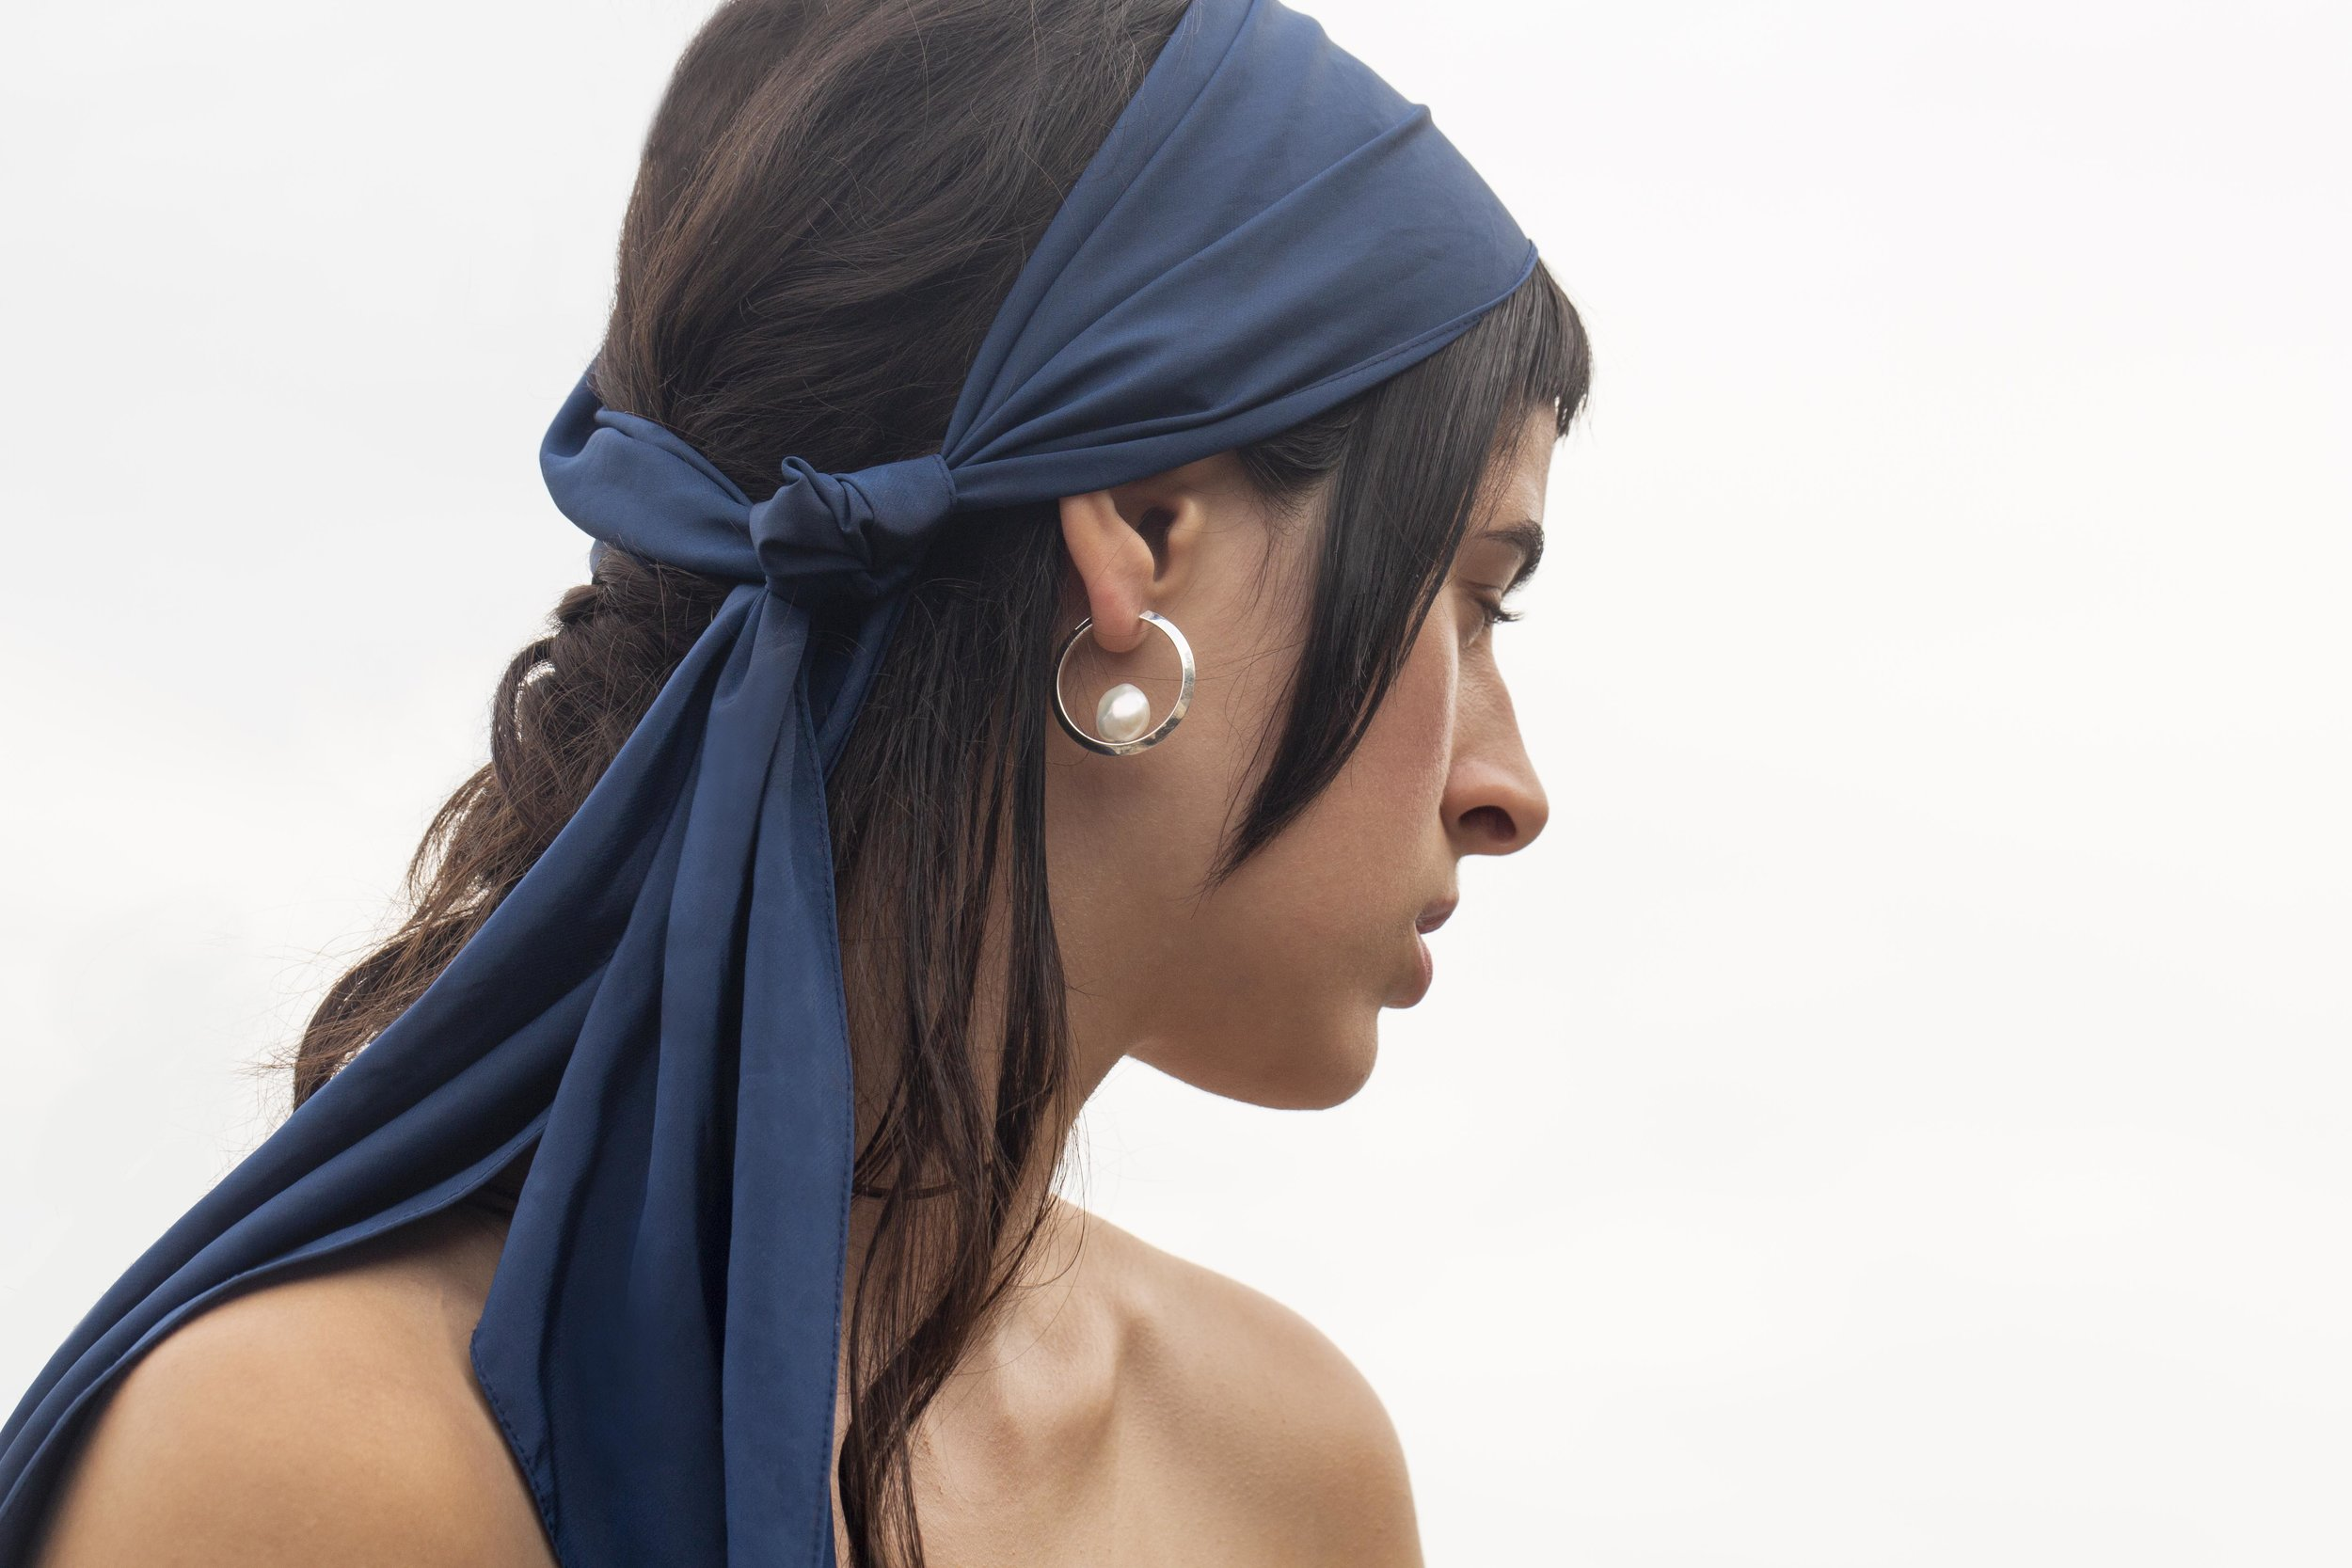 ▲ LUA earrings